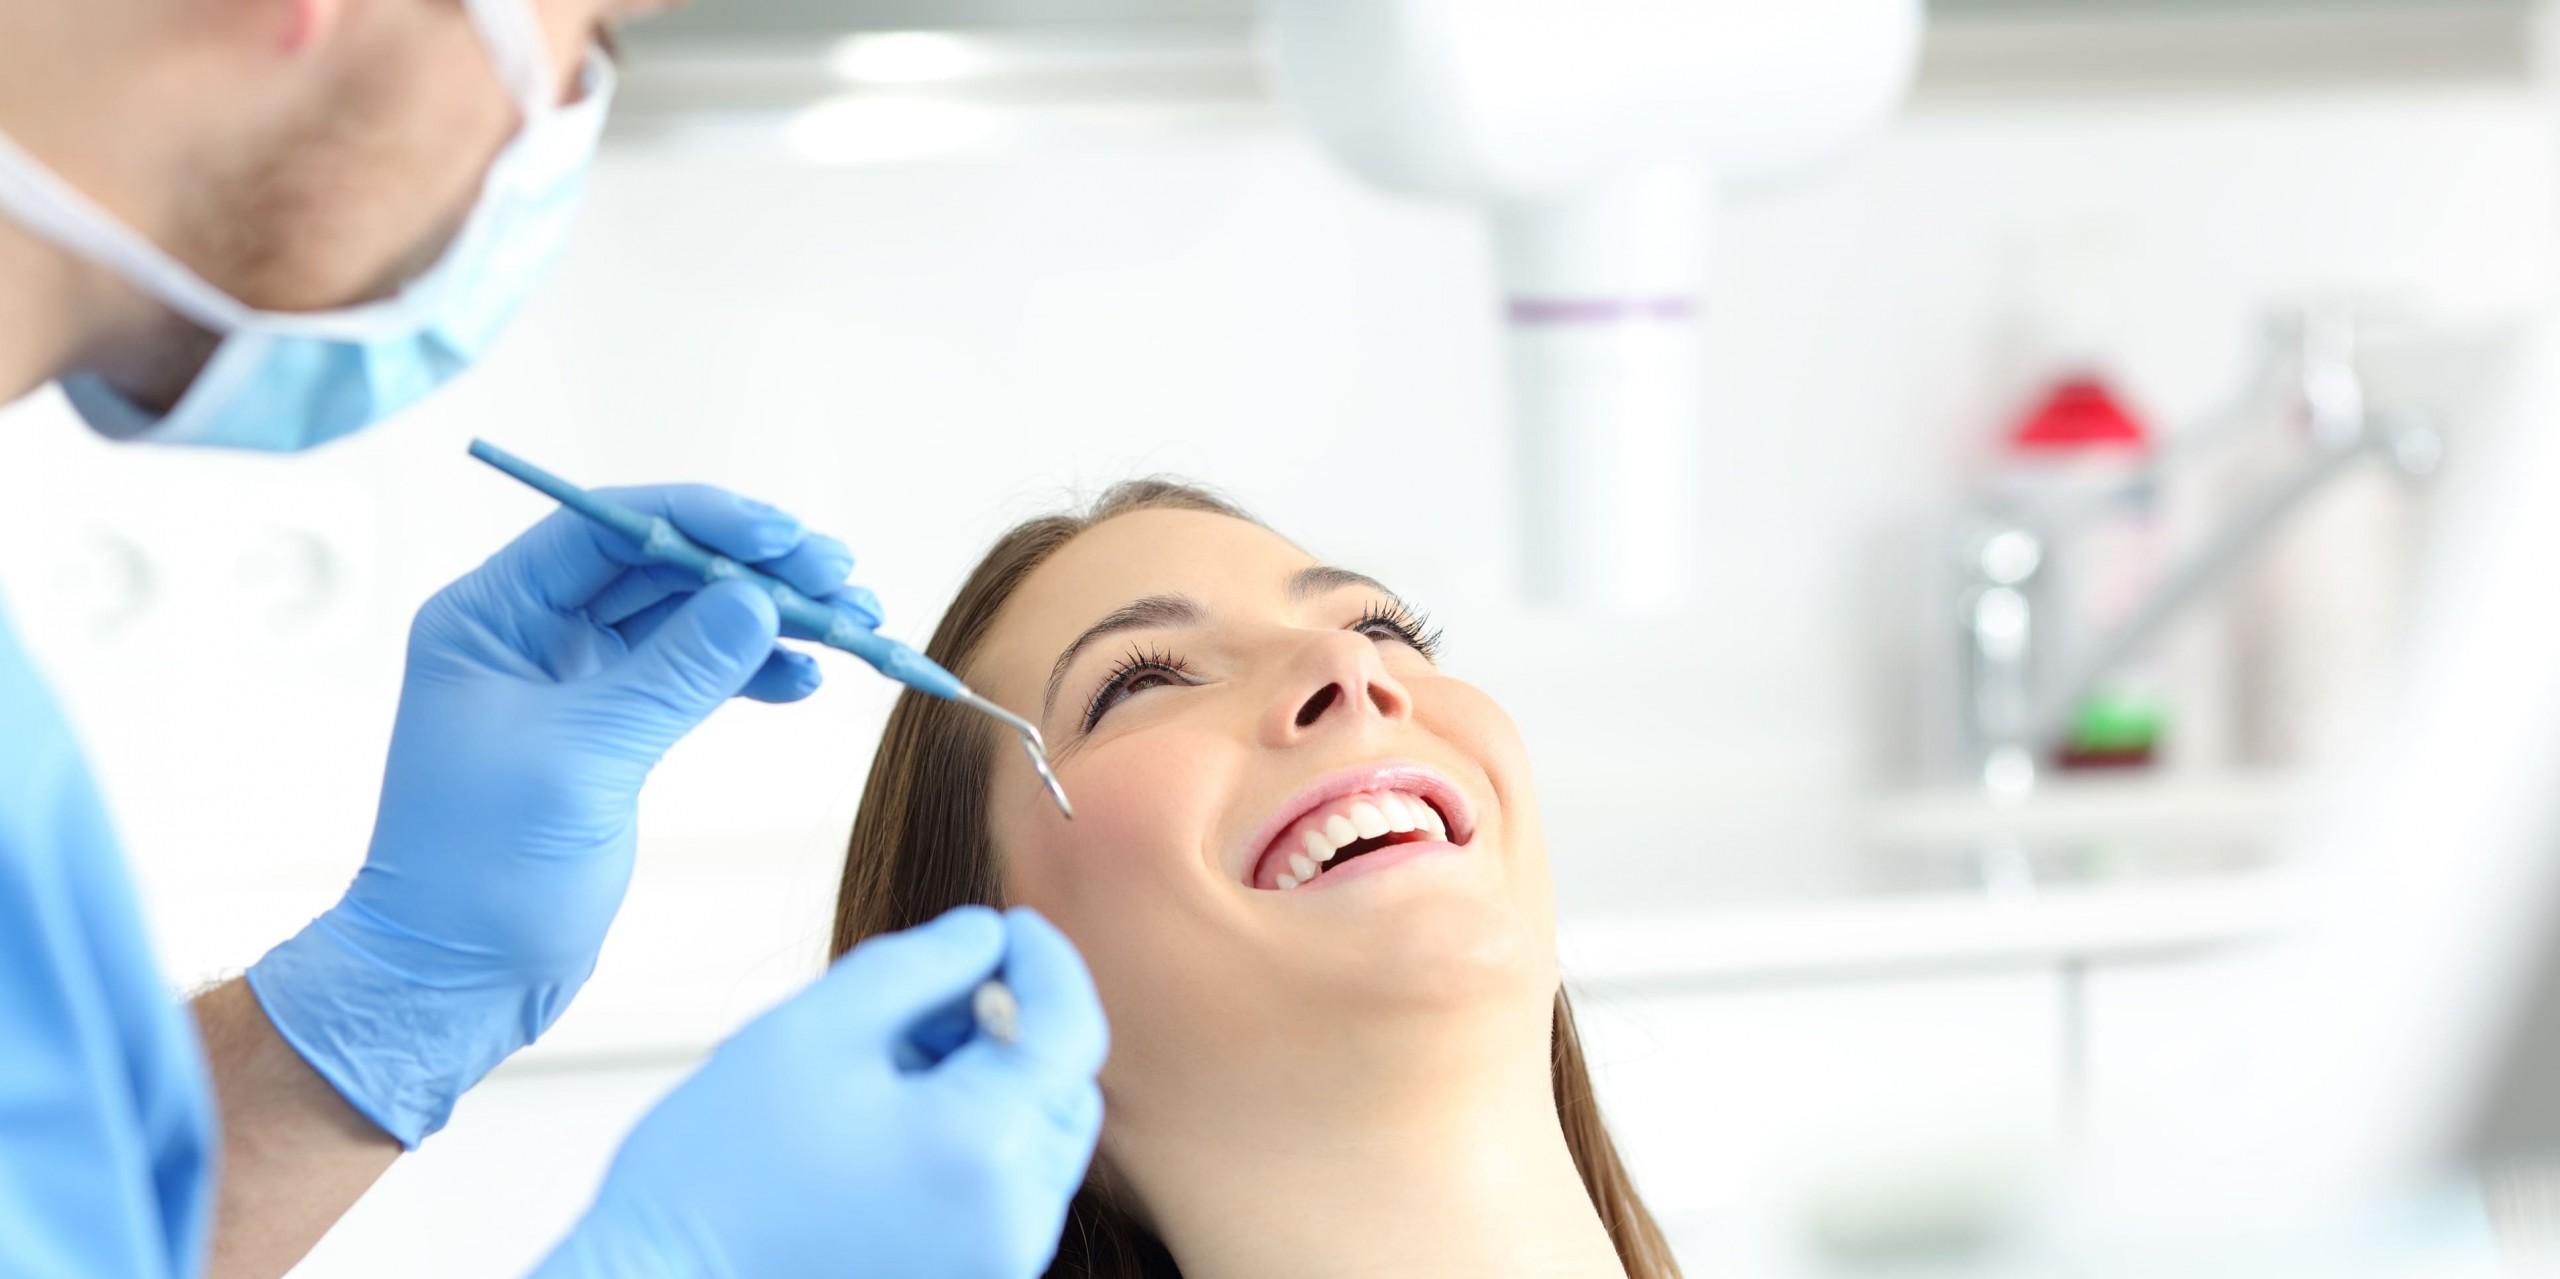 Frau sitzt lächelnd auf dem Zahnarztstuhl und wartet, dass der Zahnarzt mit der Zahnreinigung beginnt.